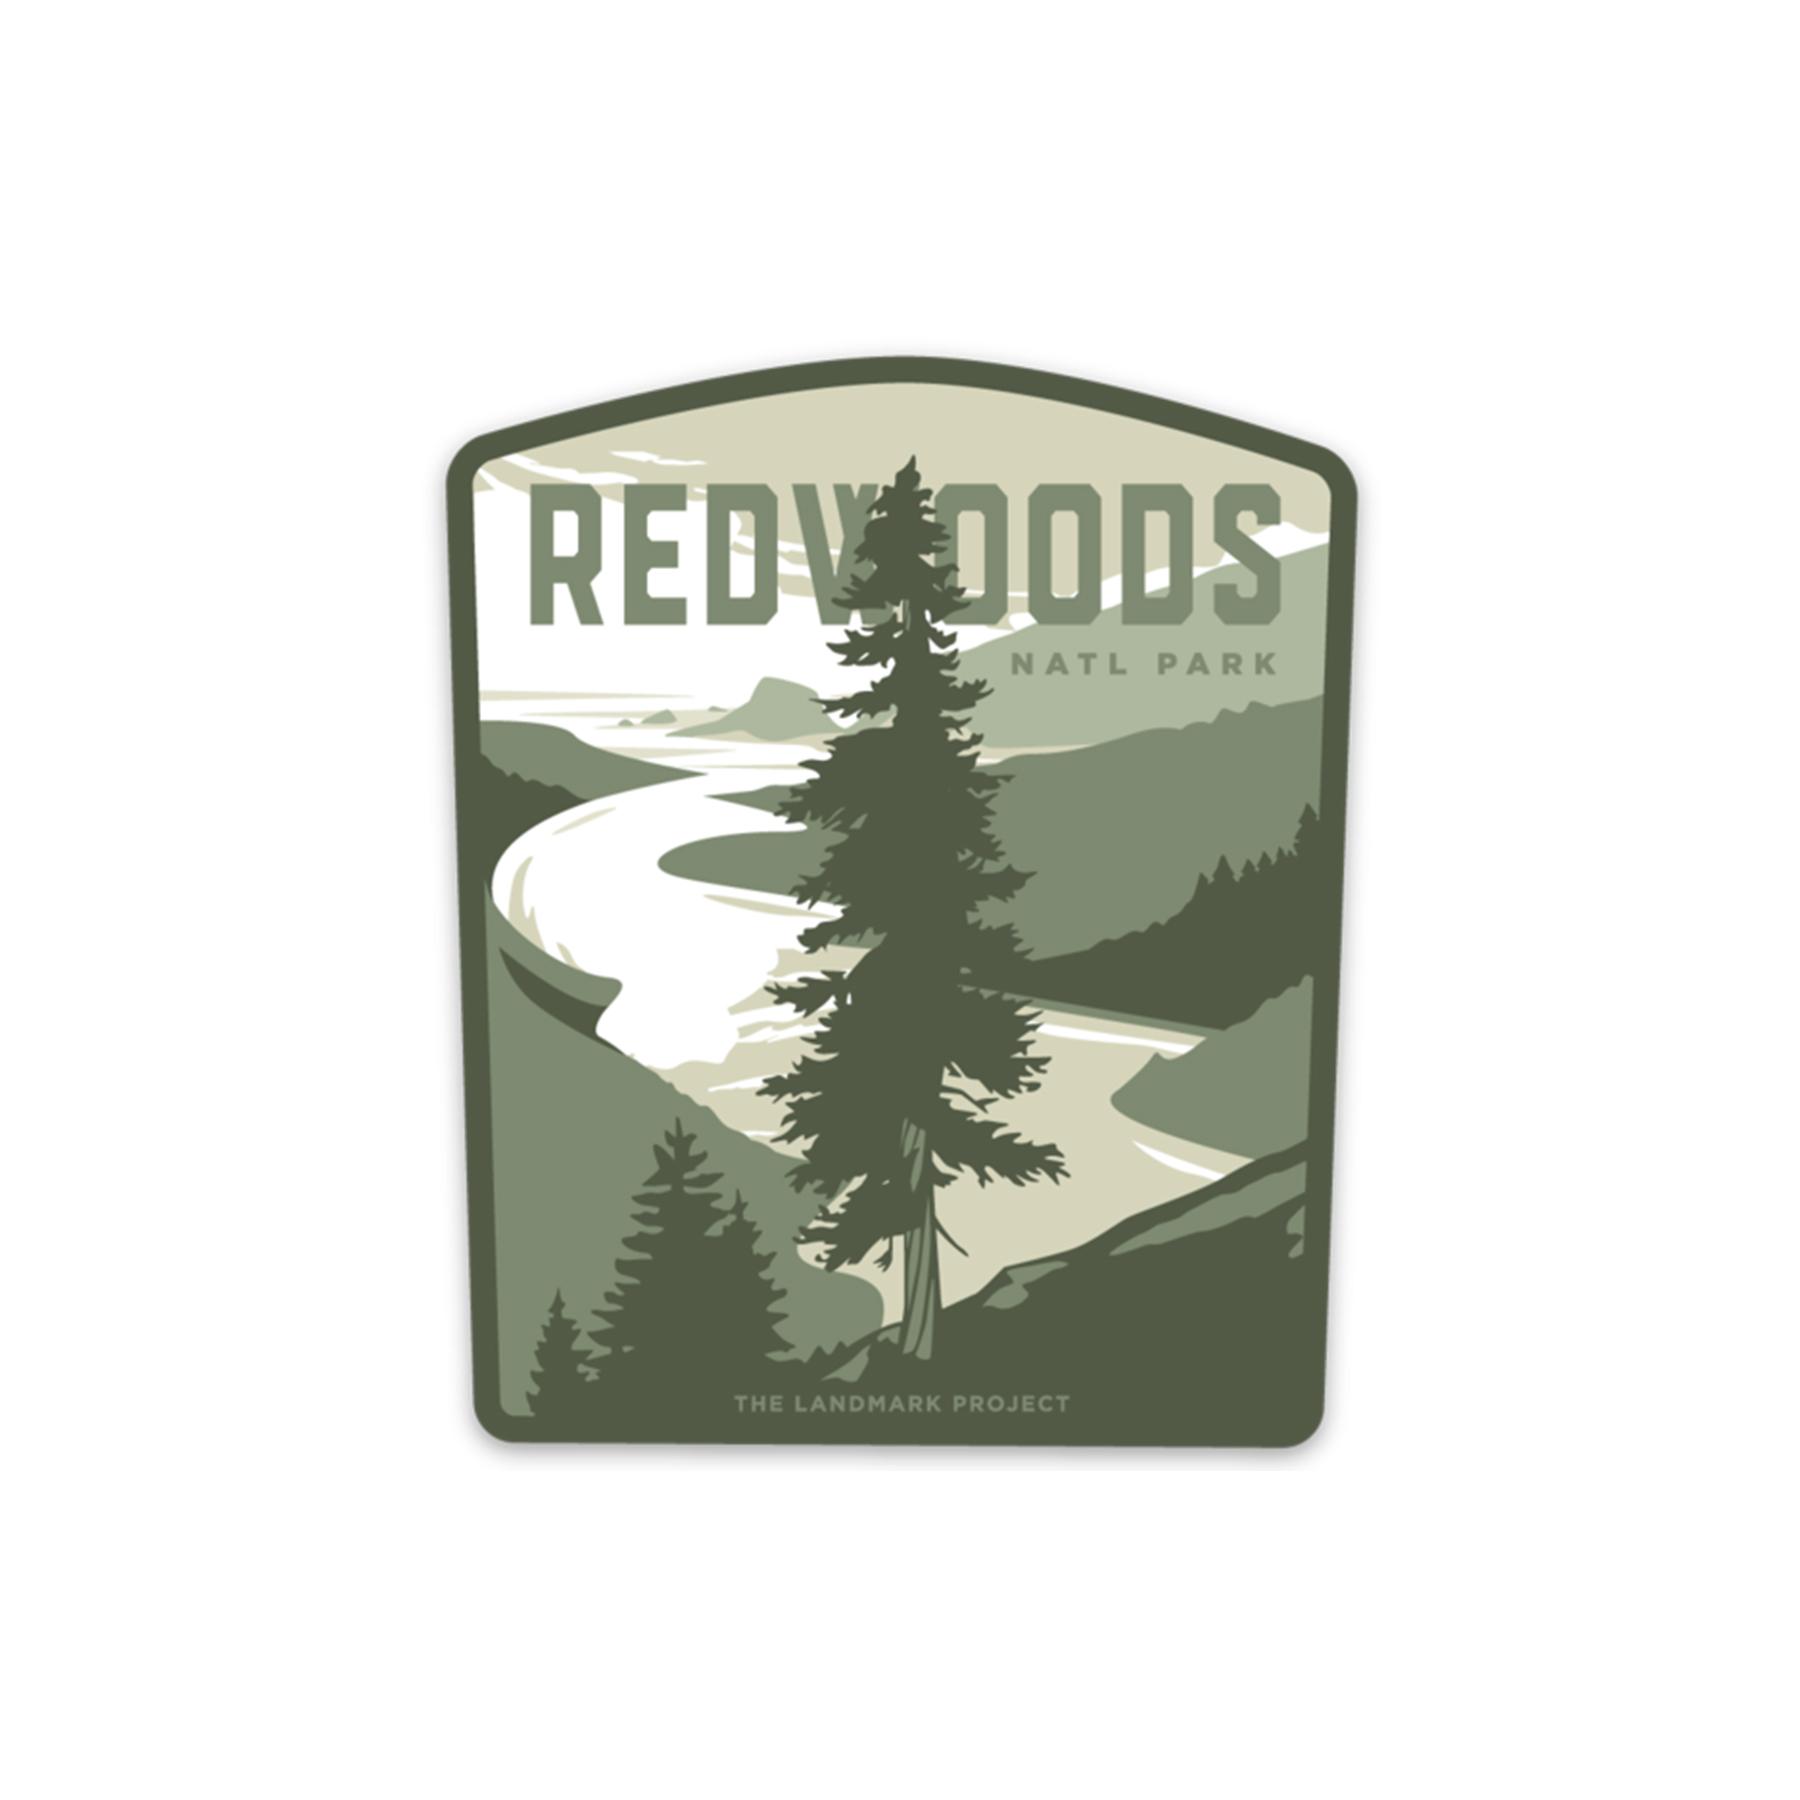 redwoods-sticker-2.jpg